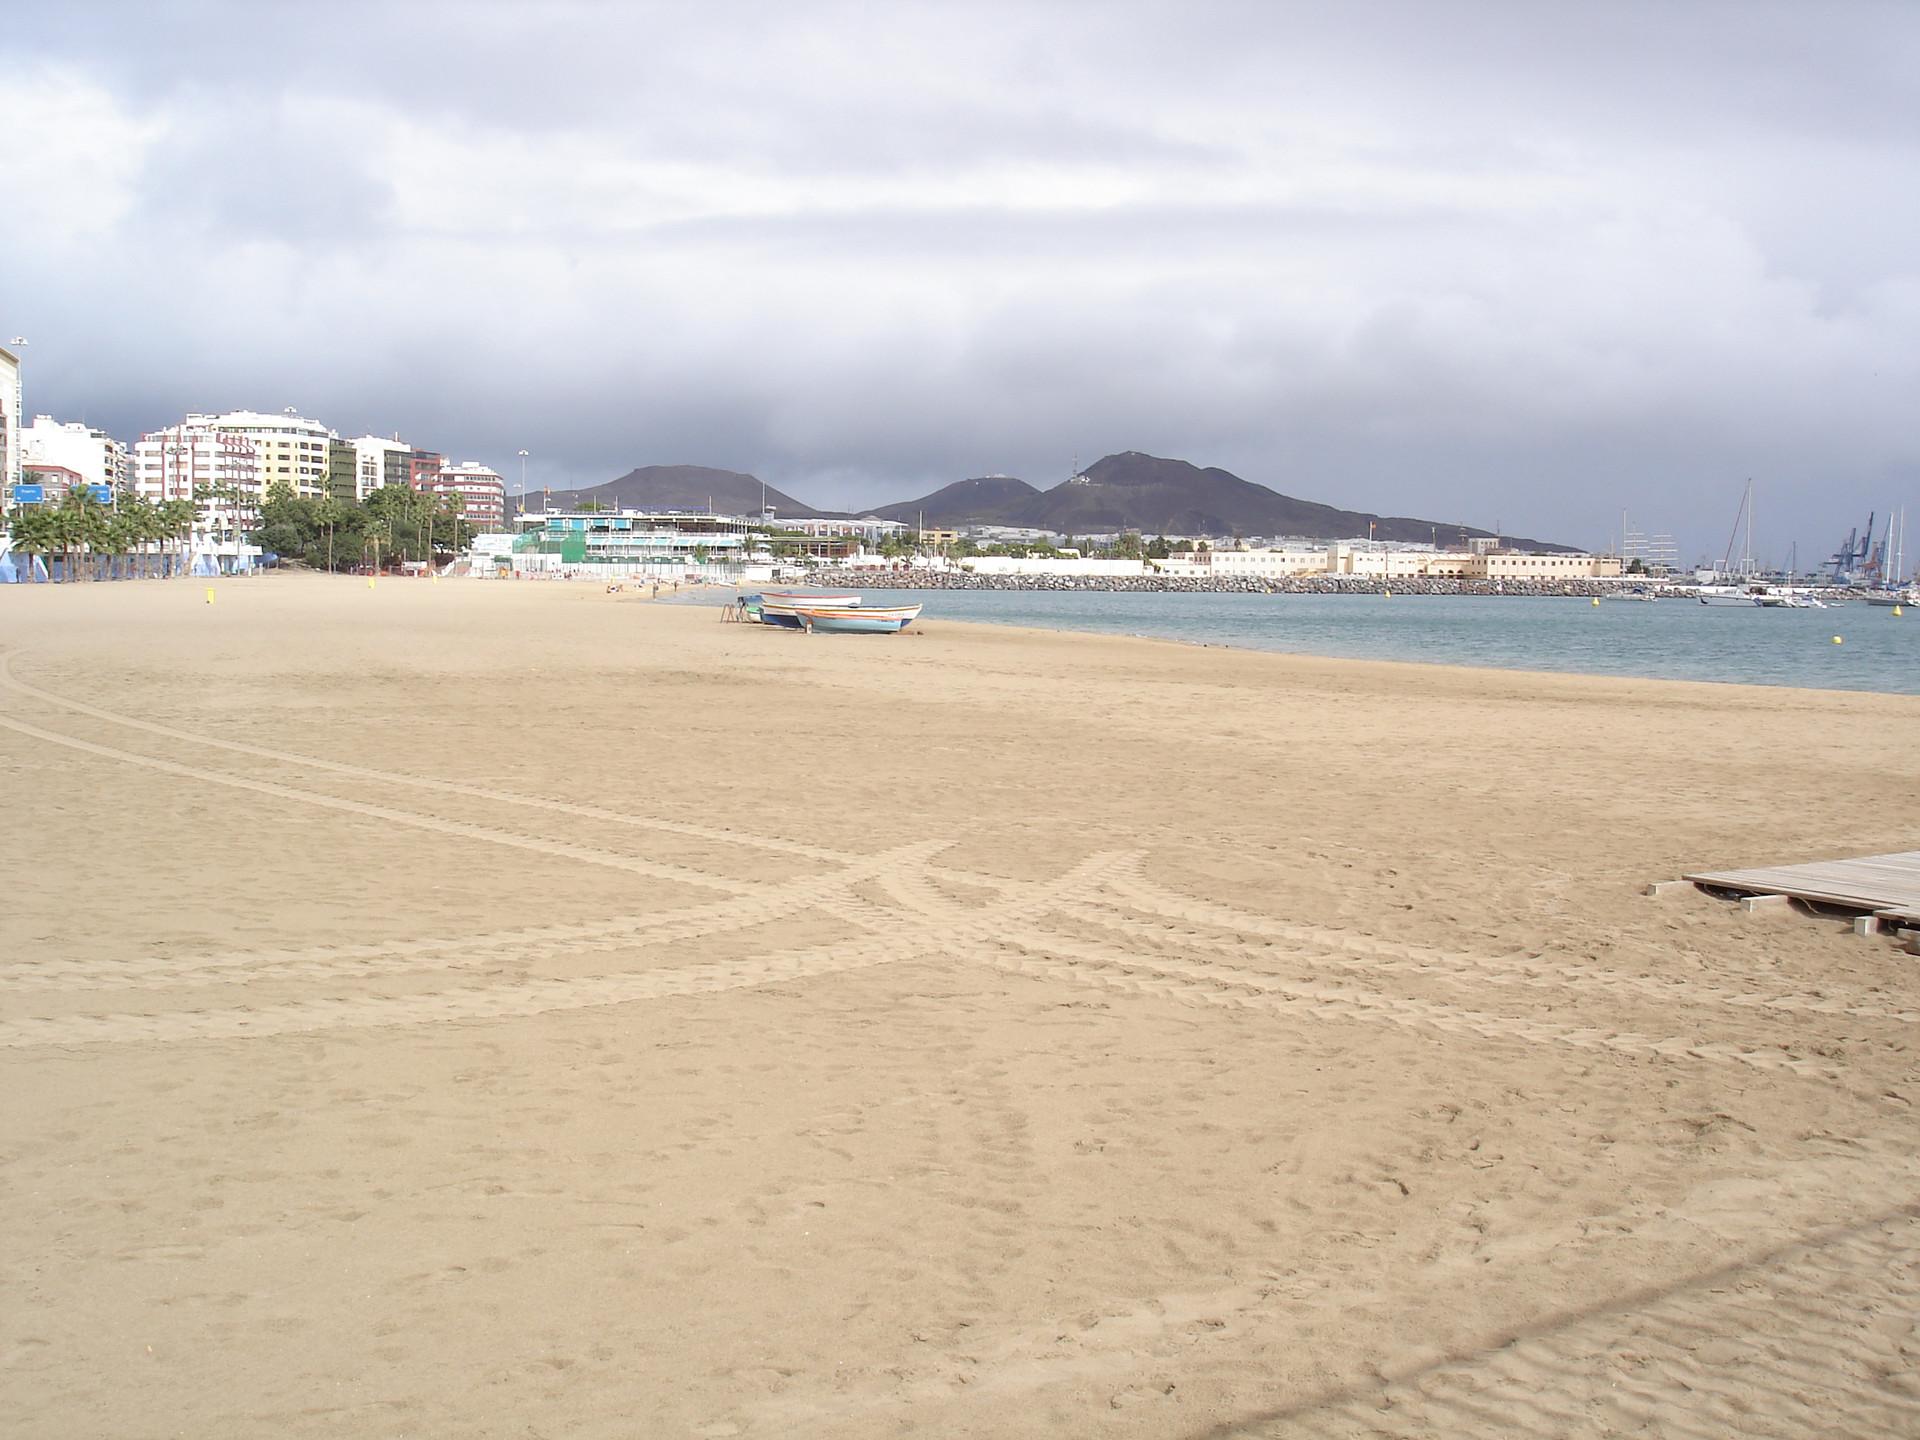 Doświadczenie w Las Palmas de Gran Canaria, Hiszpania według Pauliny